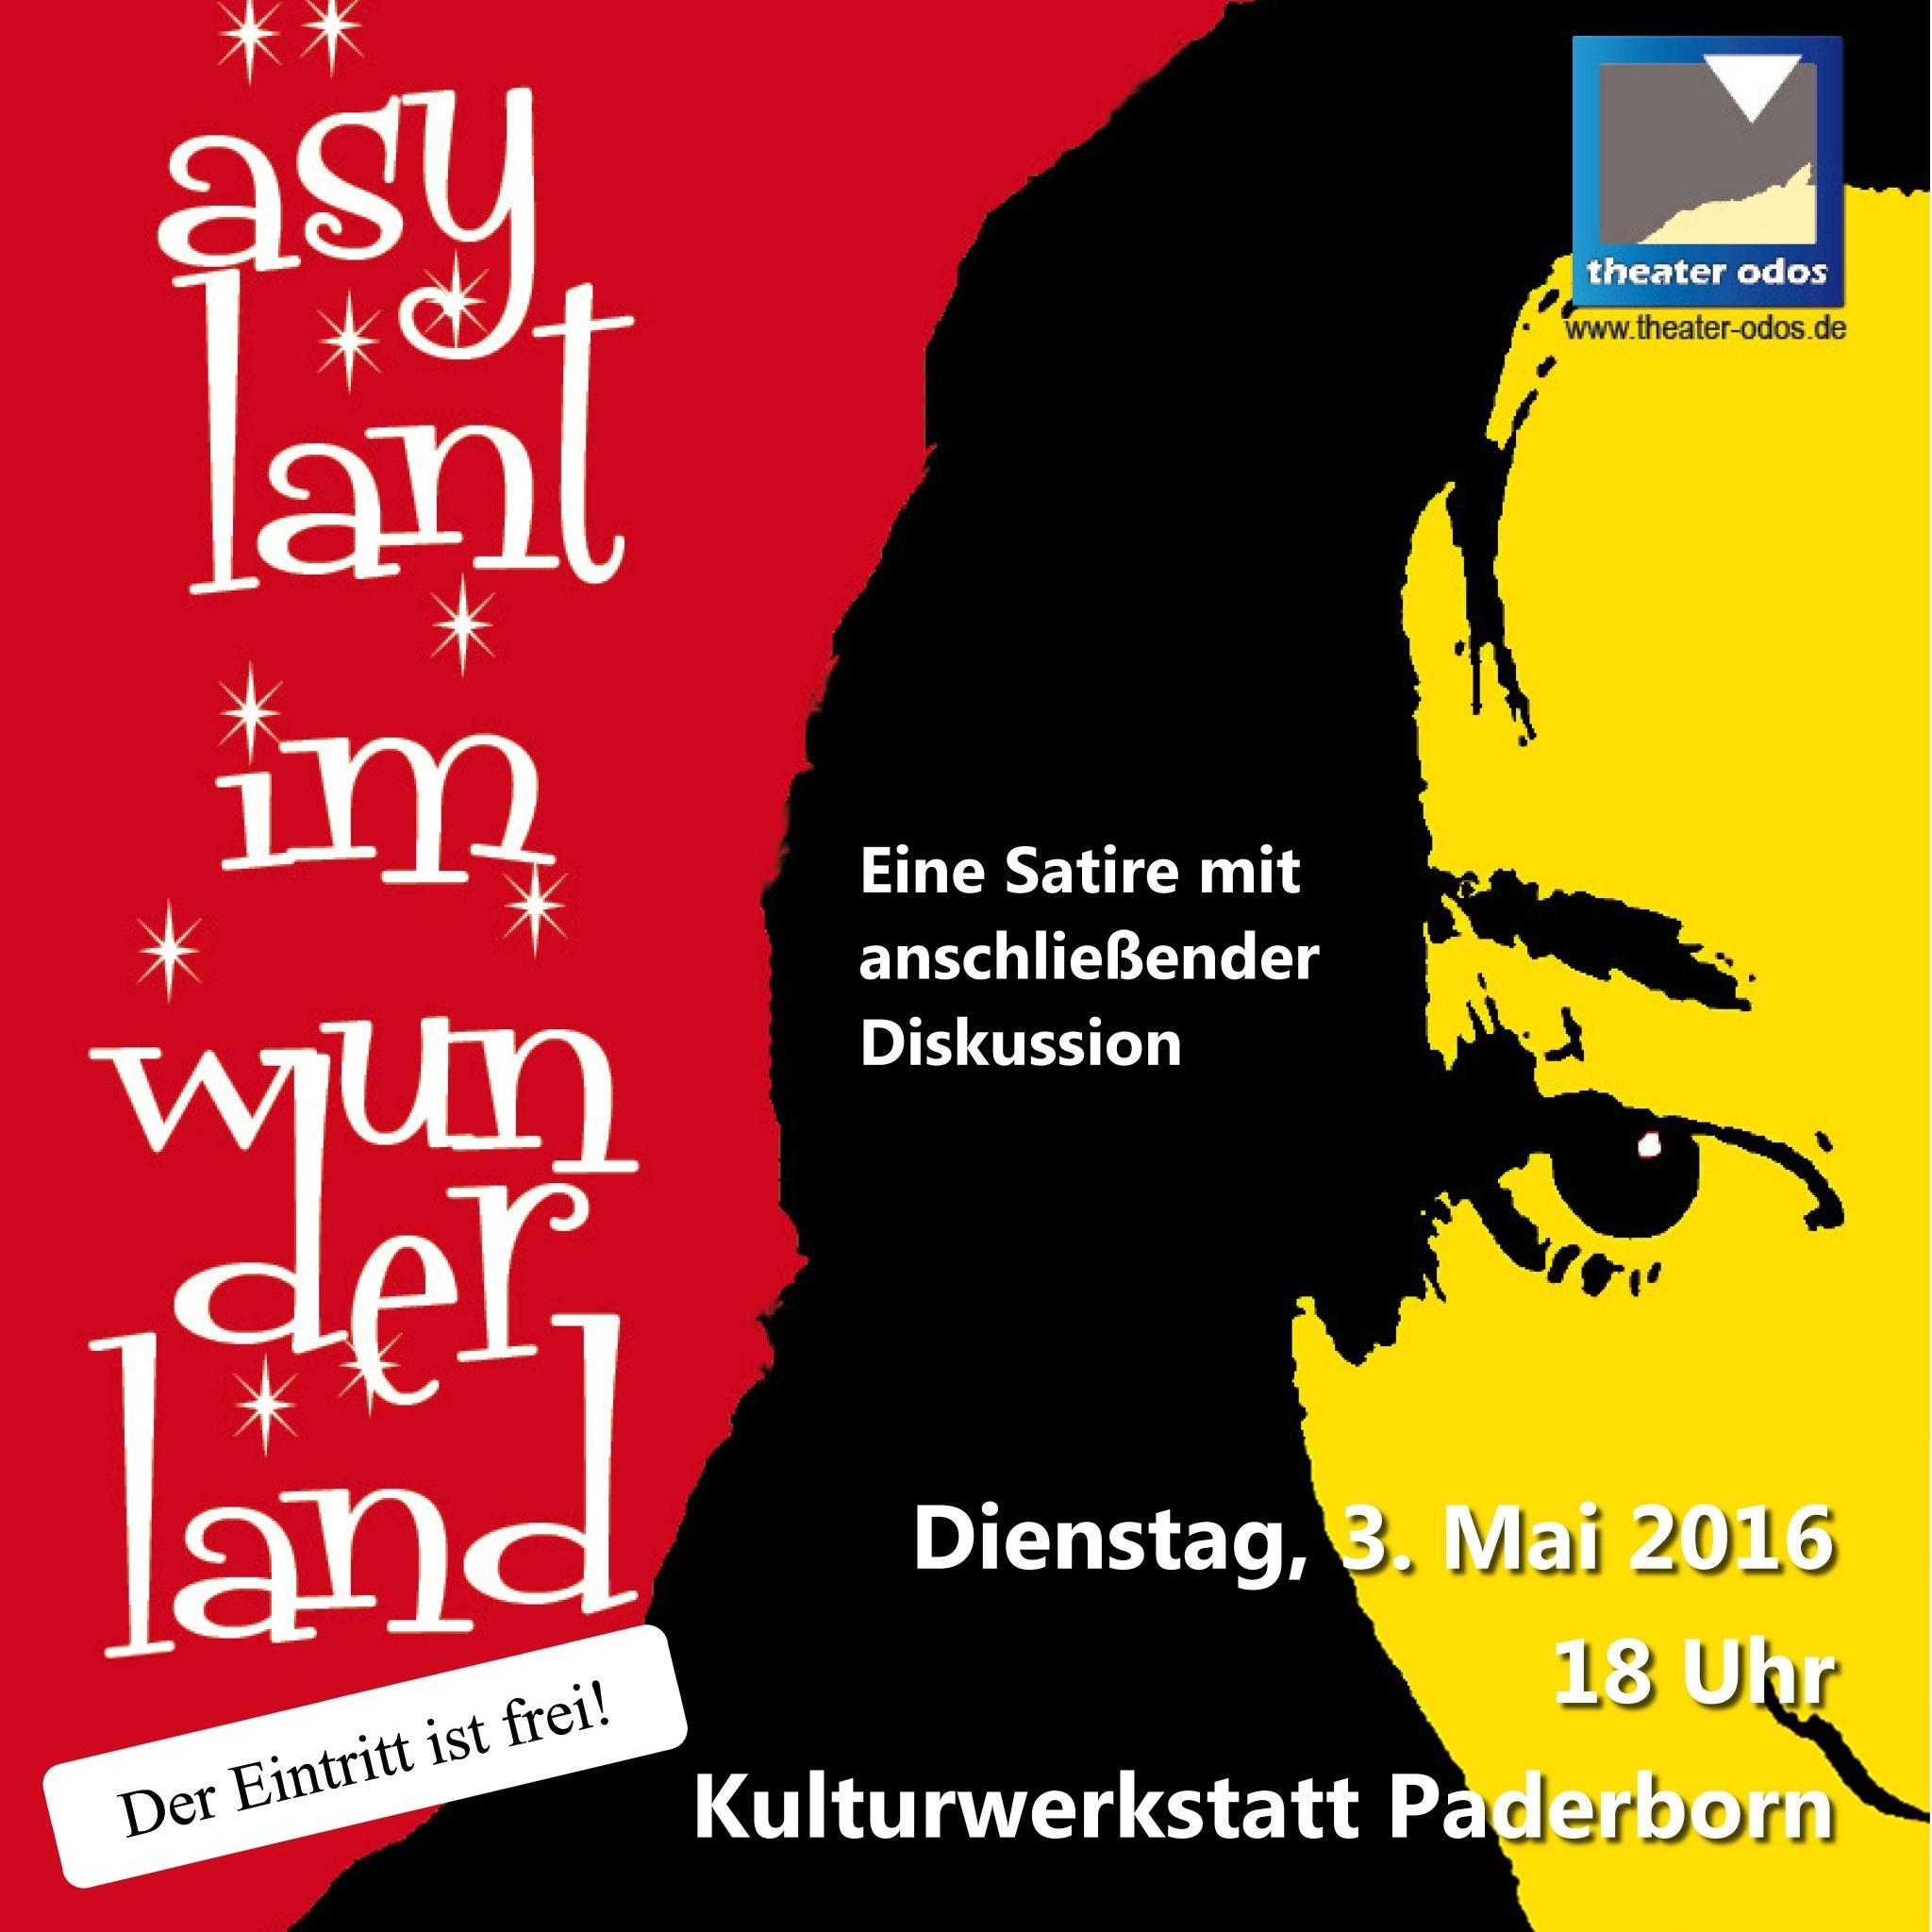 """""""Ankommen in Europa"""": Asylant im Wunderland"""